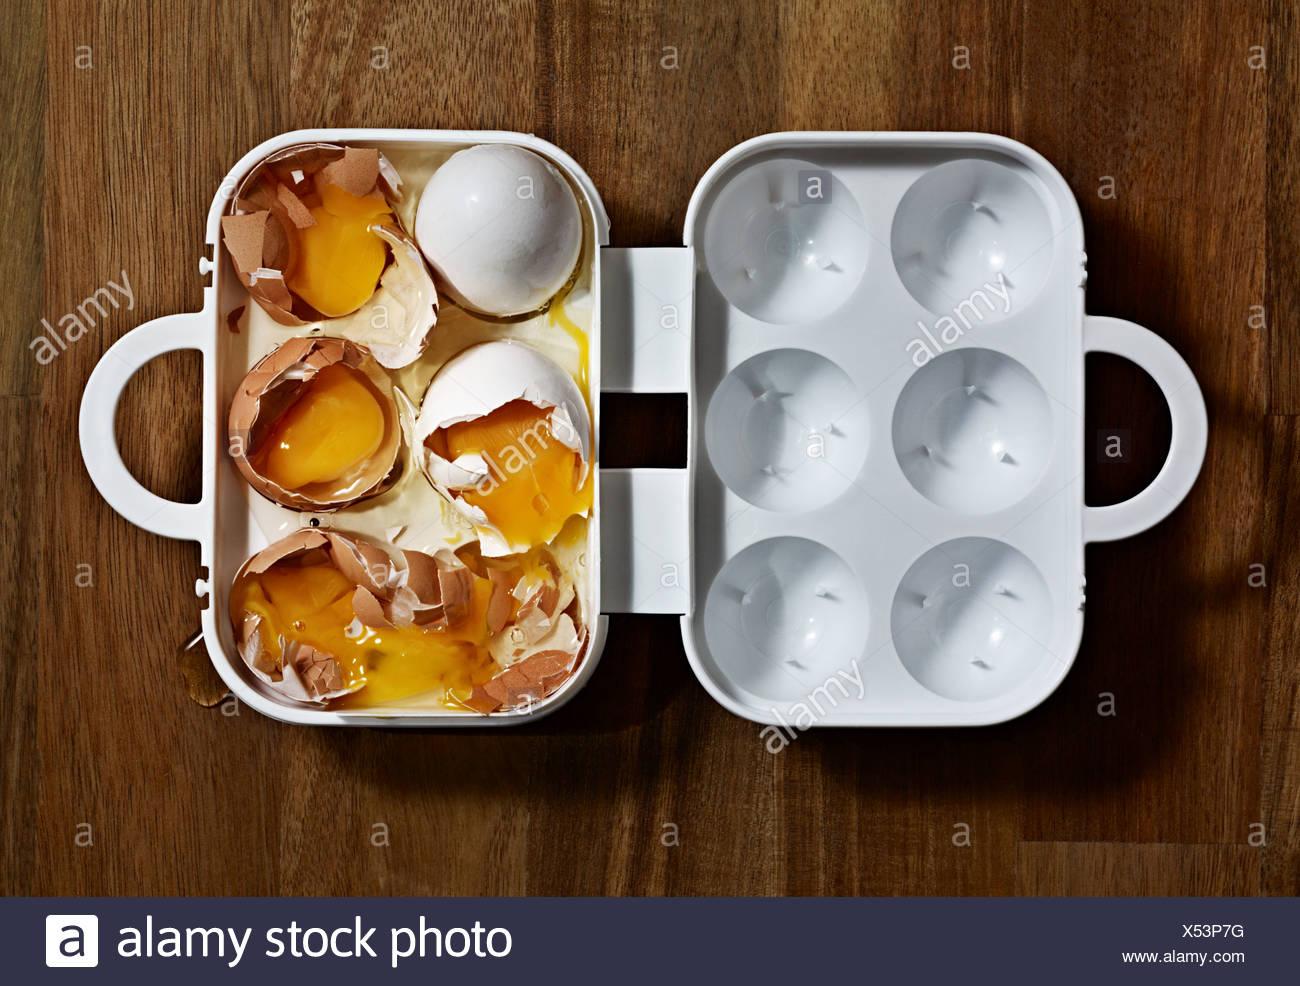 Broken eggs in a carton - Stock Image